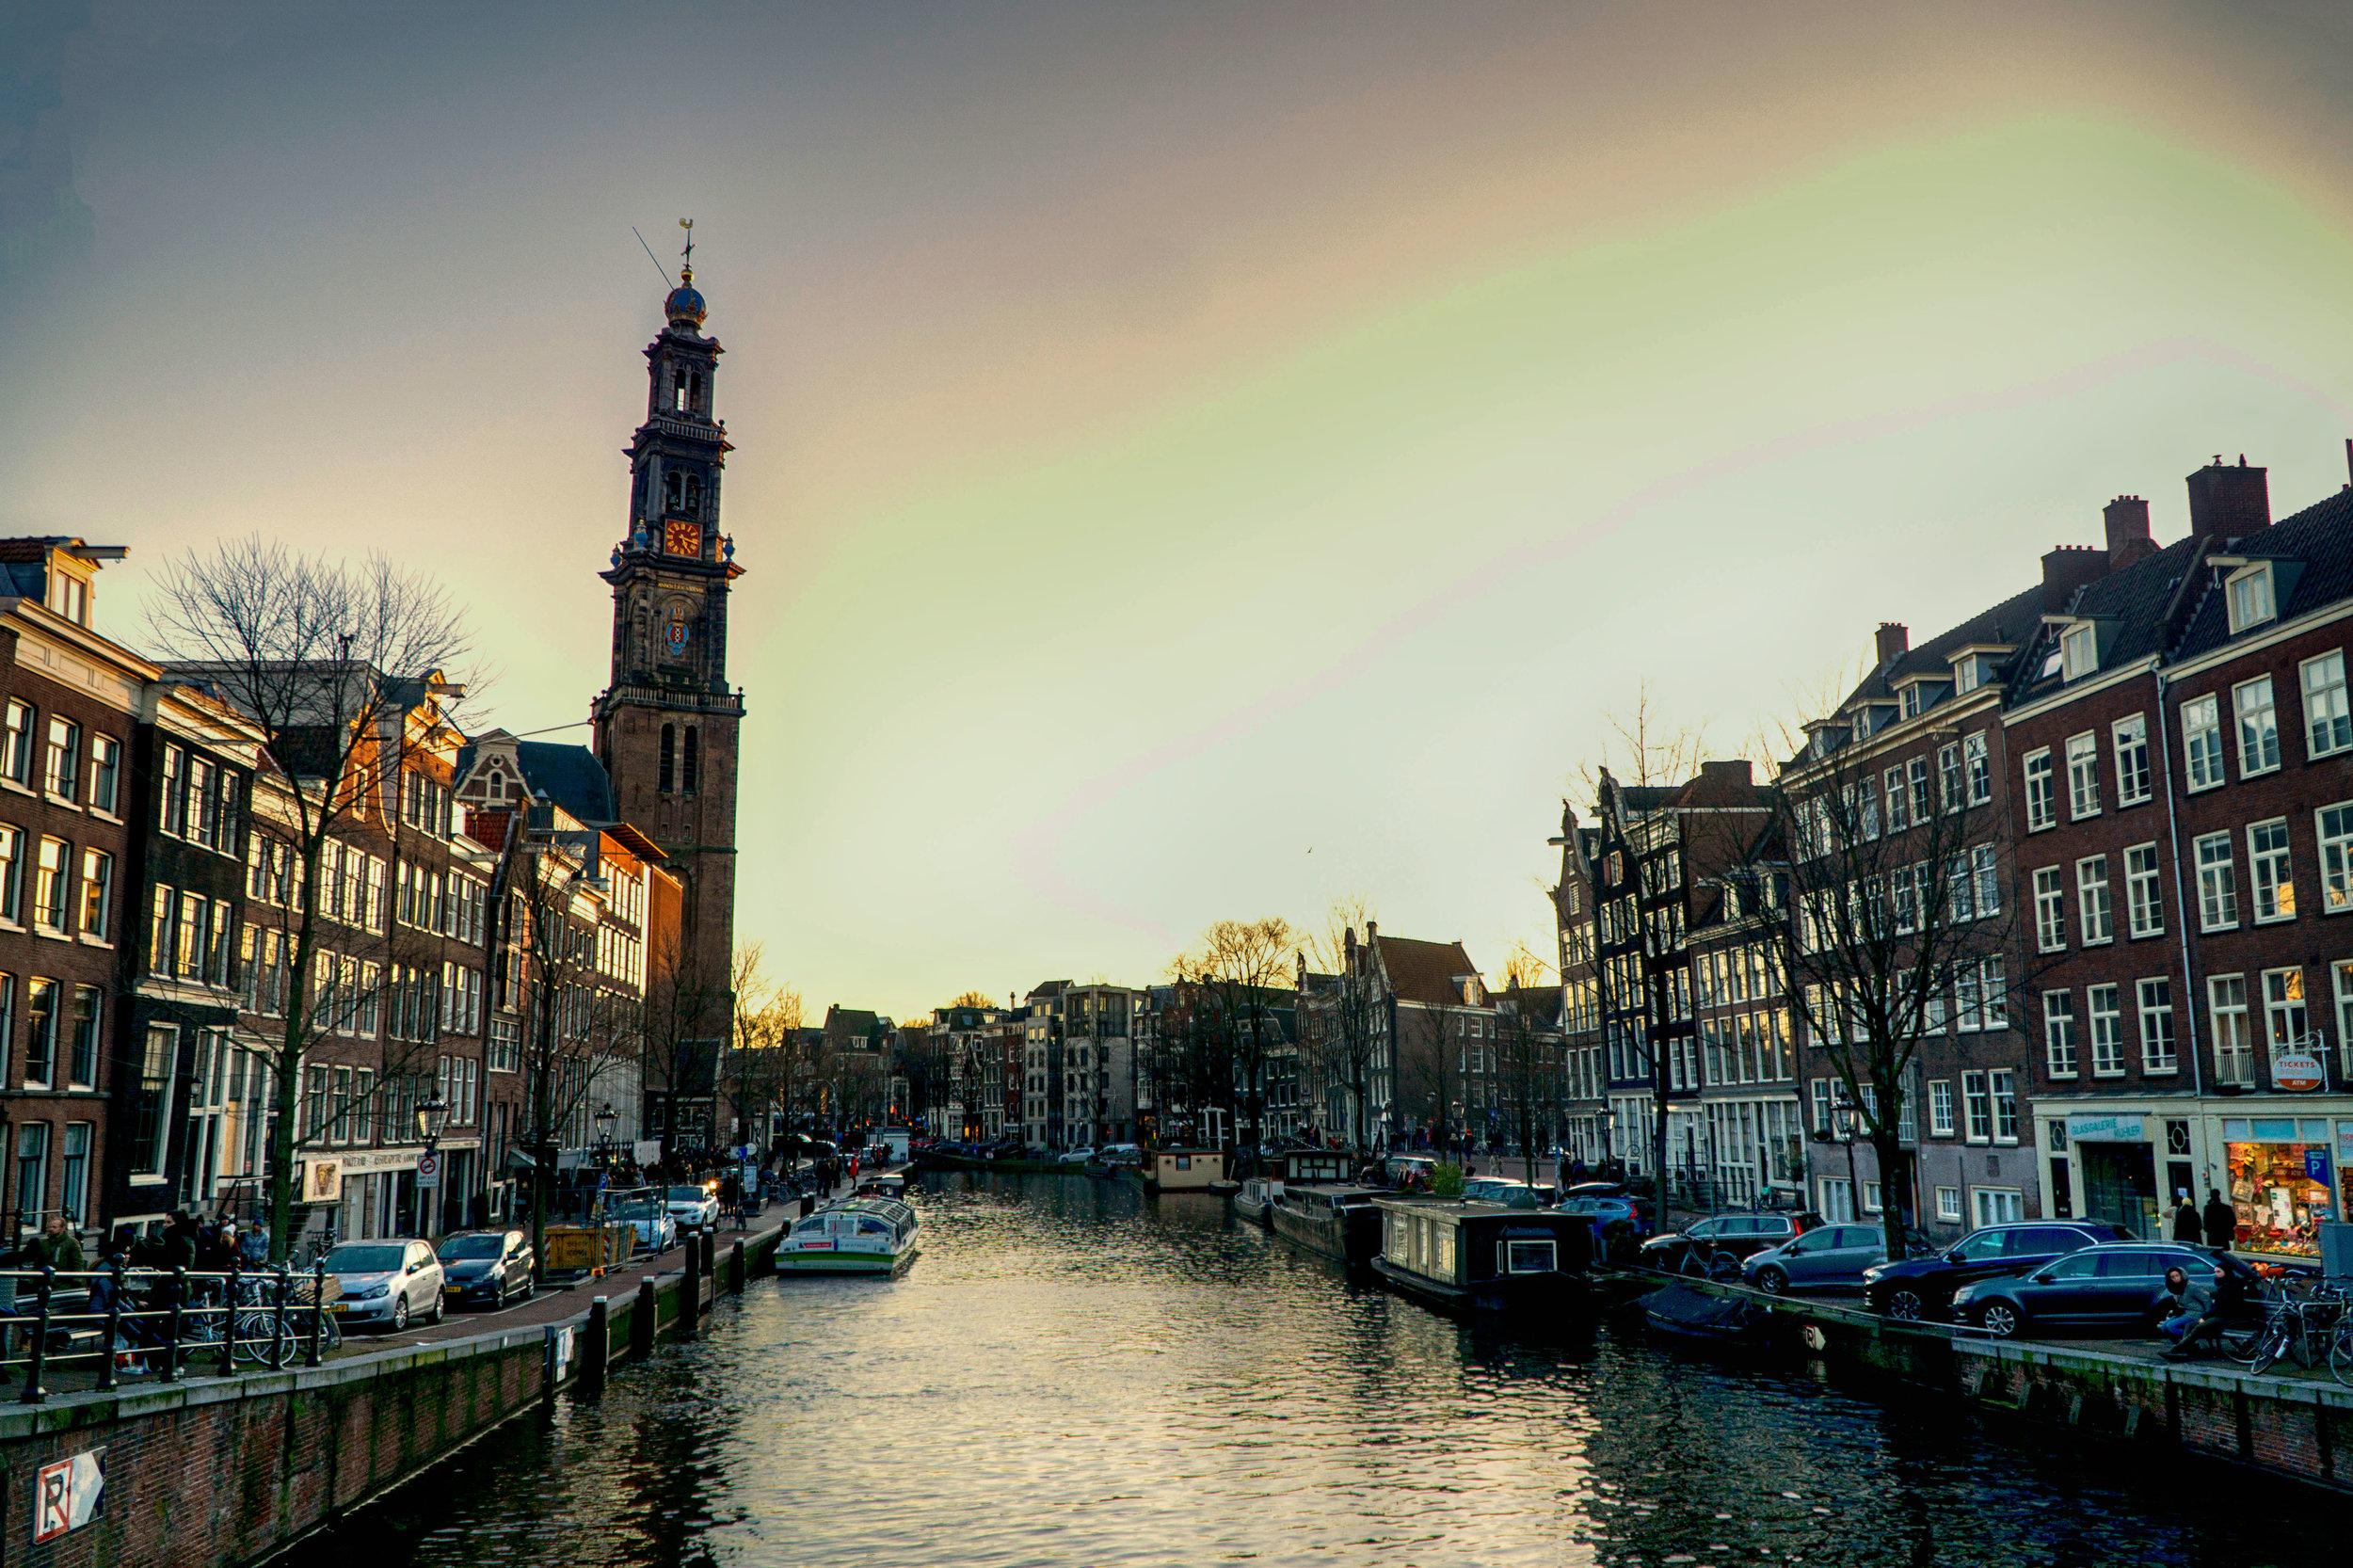 Amsterdam_vickygood_travel_photography9_sm.jpg